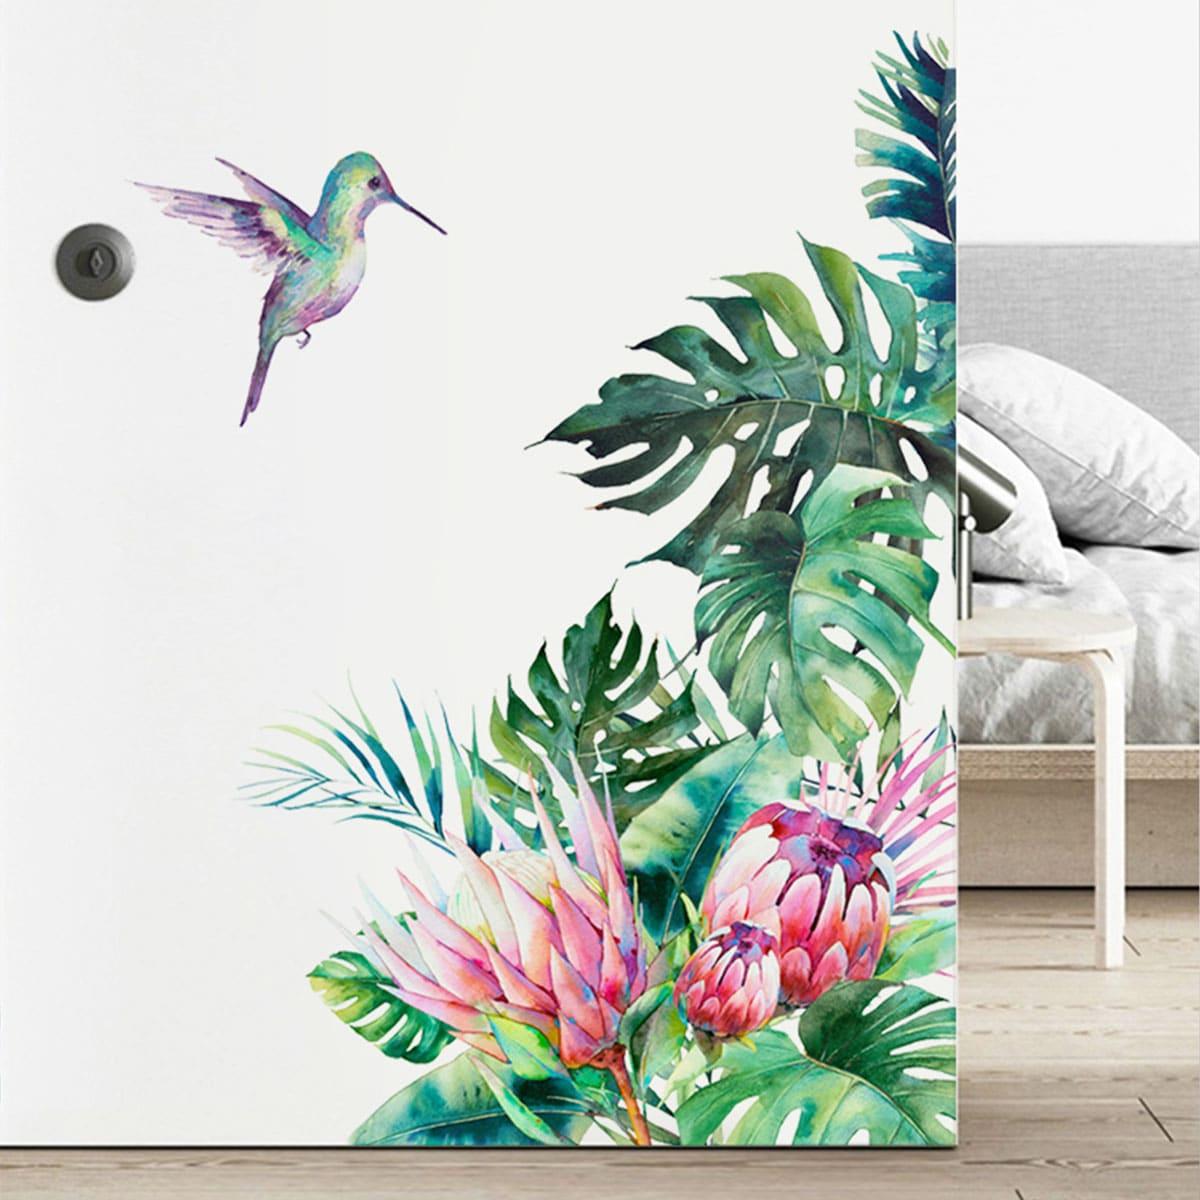 Наклейка на стену с принтом растений и птиц